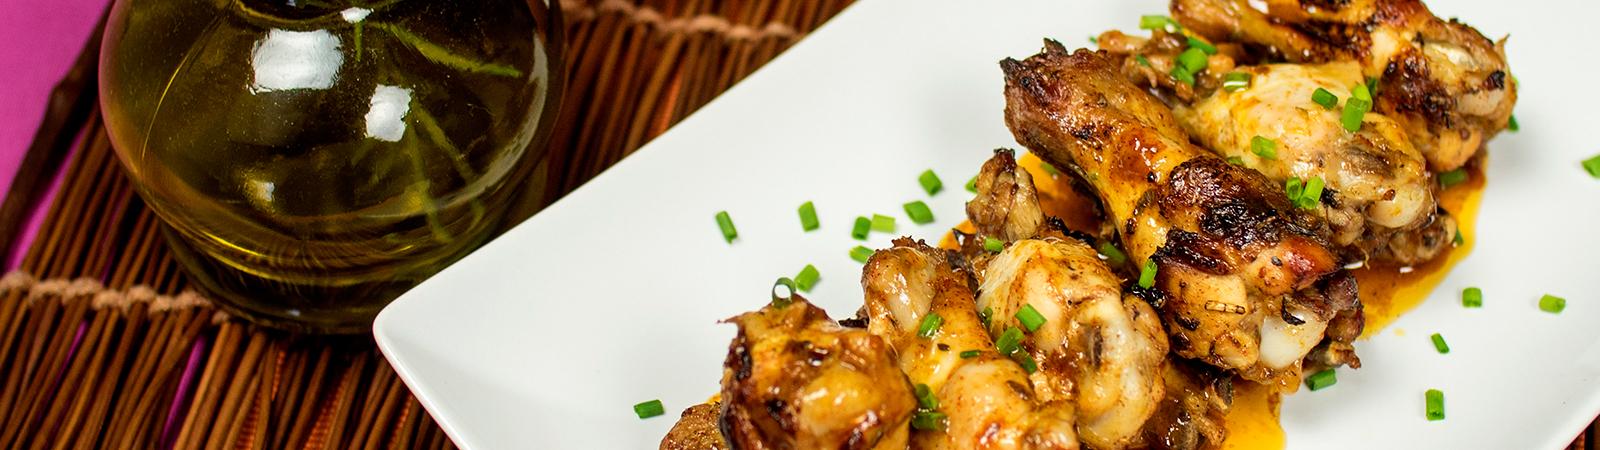 Baharatlı Tavuk Kanatları Tarifi